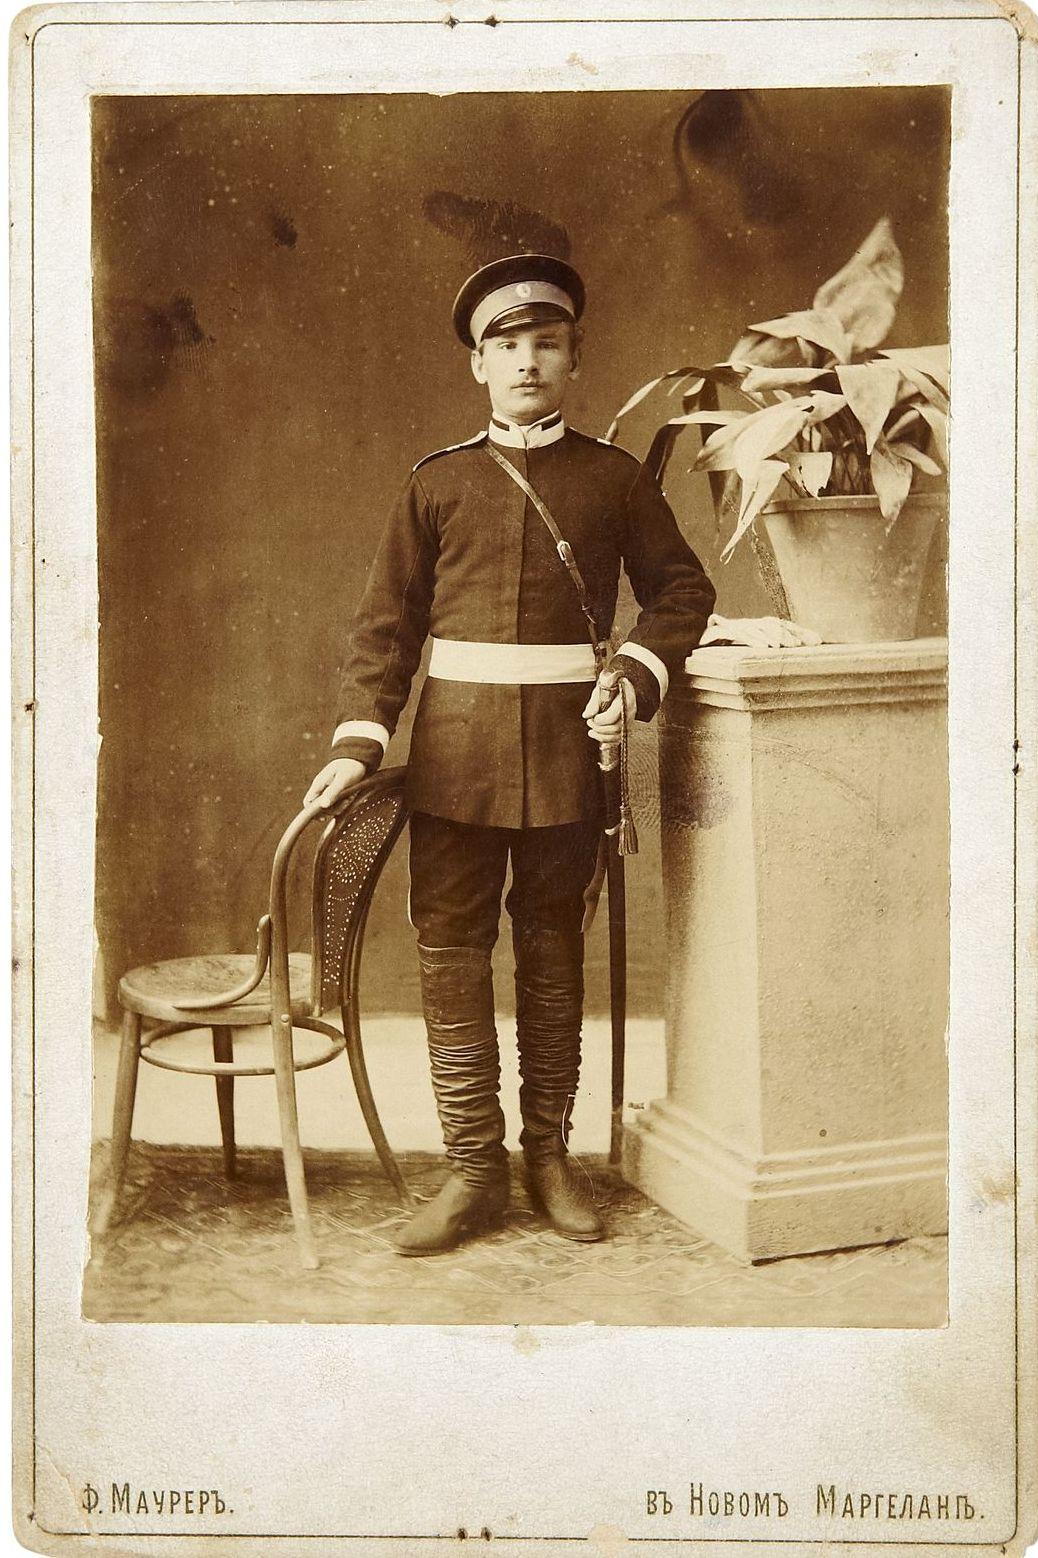 Новый Маргелан. Урядник 6-го Оренбургского казачьего полка